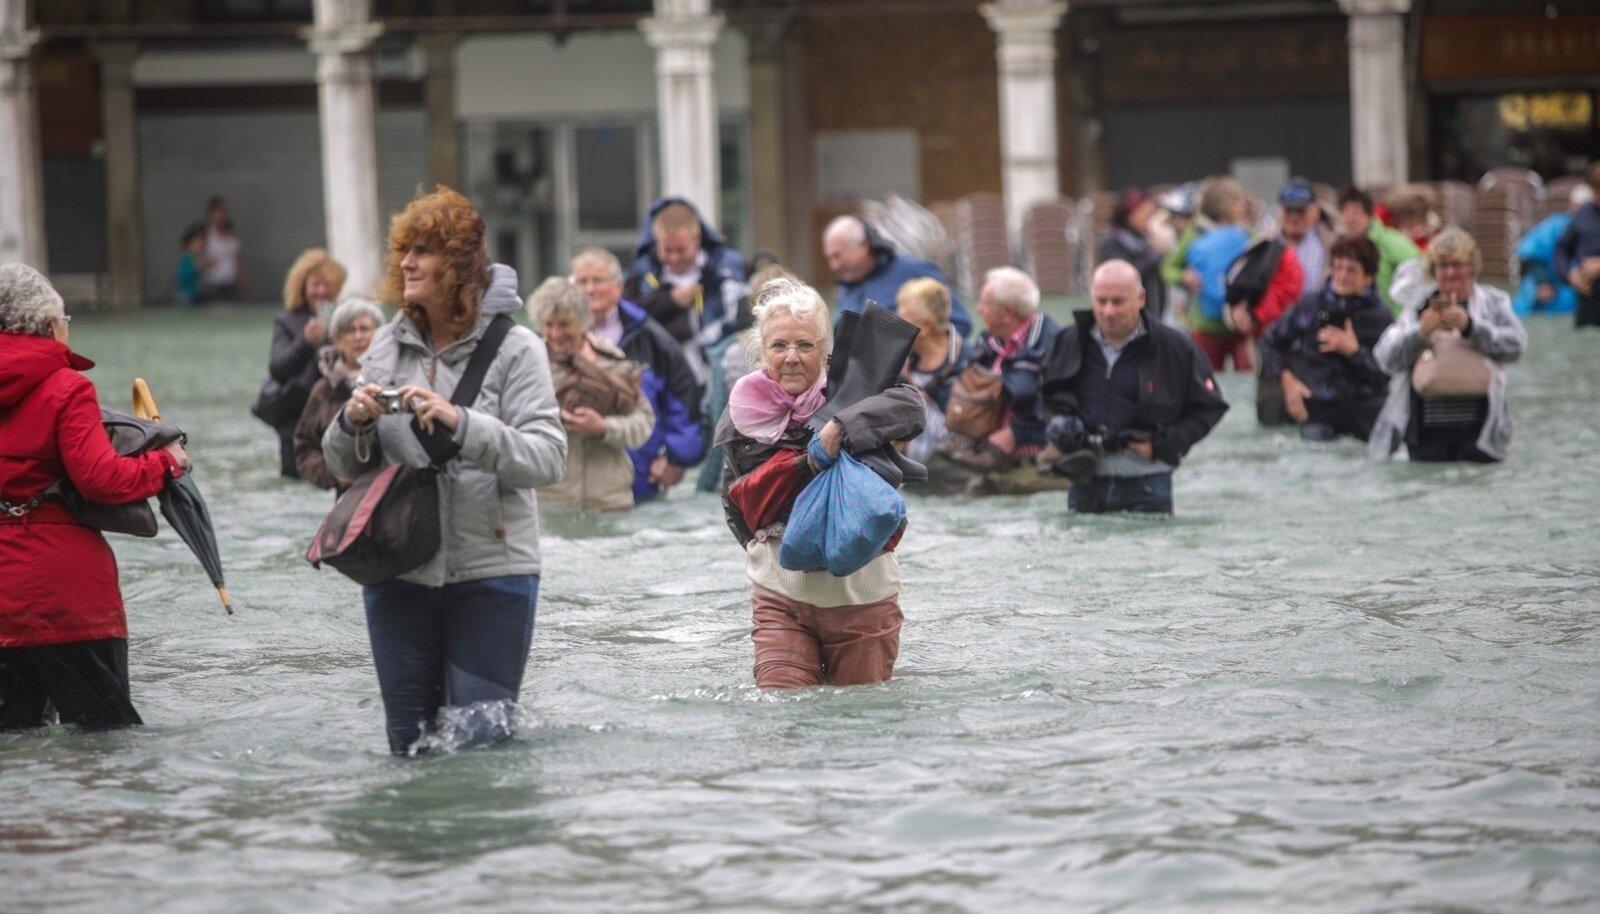 Möödunud aasta oktoobris tabasid Veneetsiat suured üleujutused, kuid saabunud turiste need lahkuma ei sundinud.